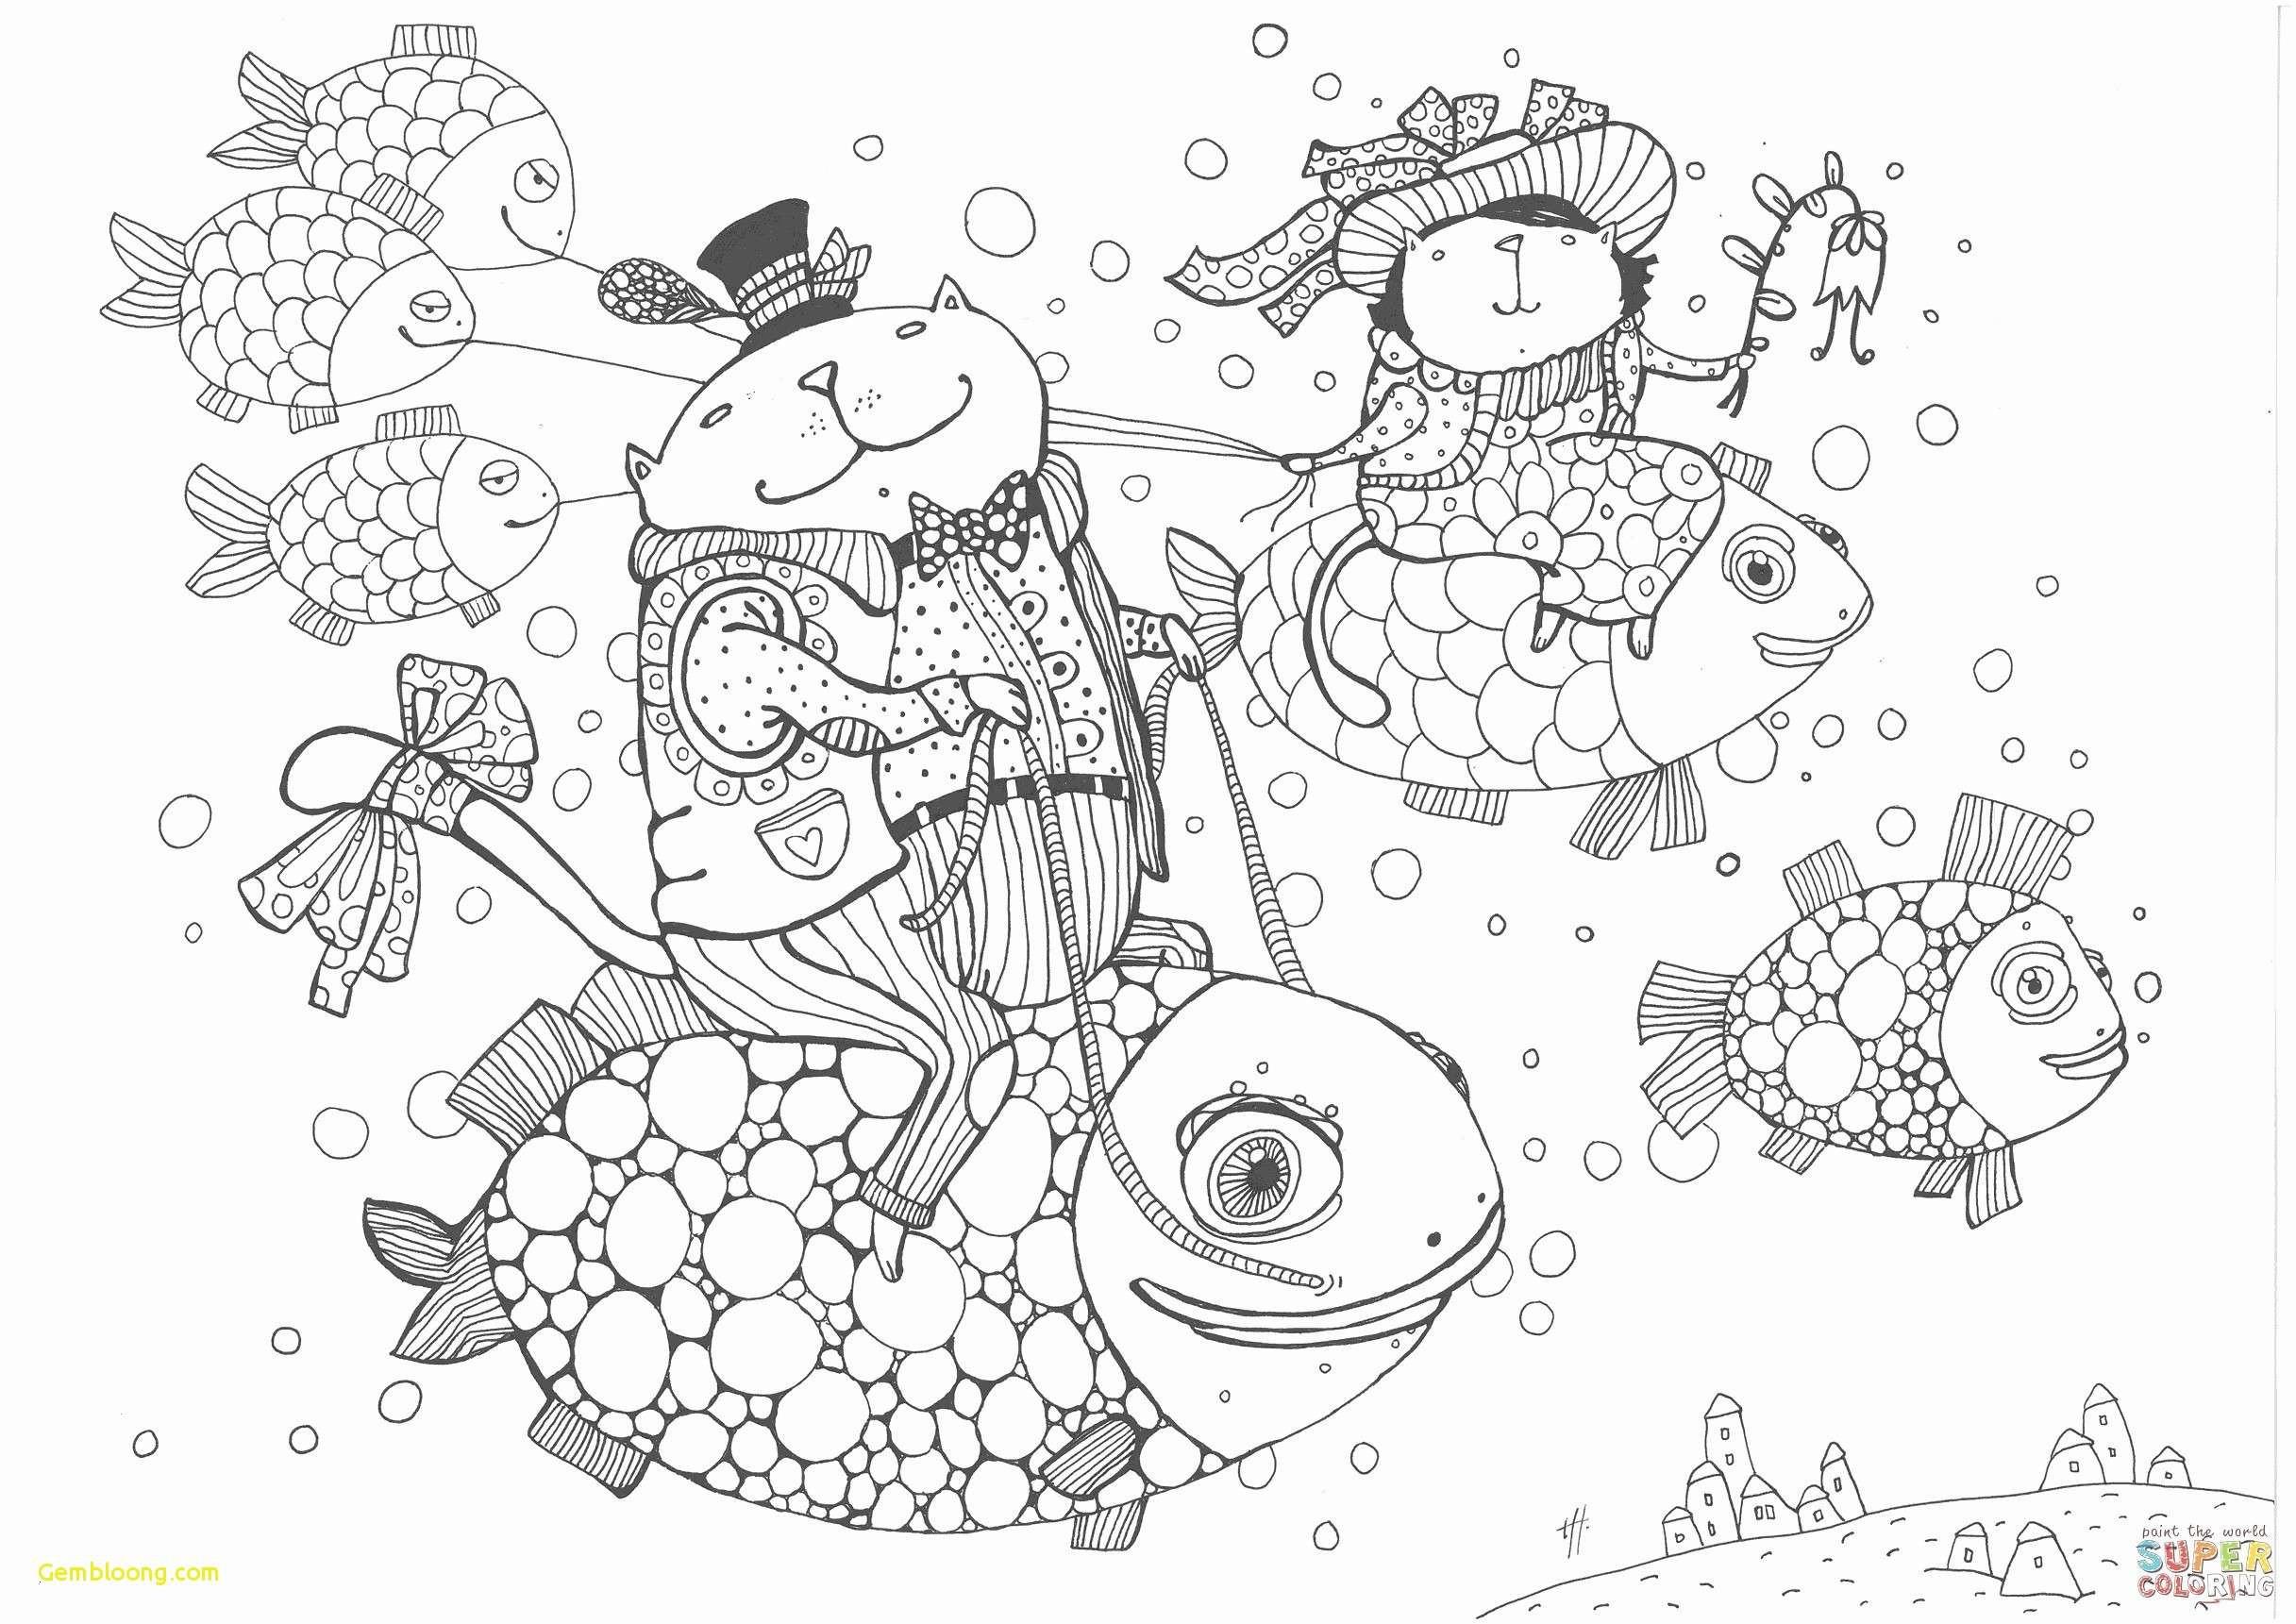 Pippi Langstrumpf Ausmalbild Das Beste Von 35 Malvorlagen Maus Scoredatscore Genial Pippi Langstrumpf Galerie